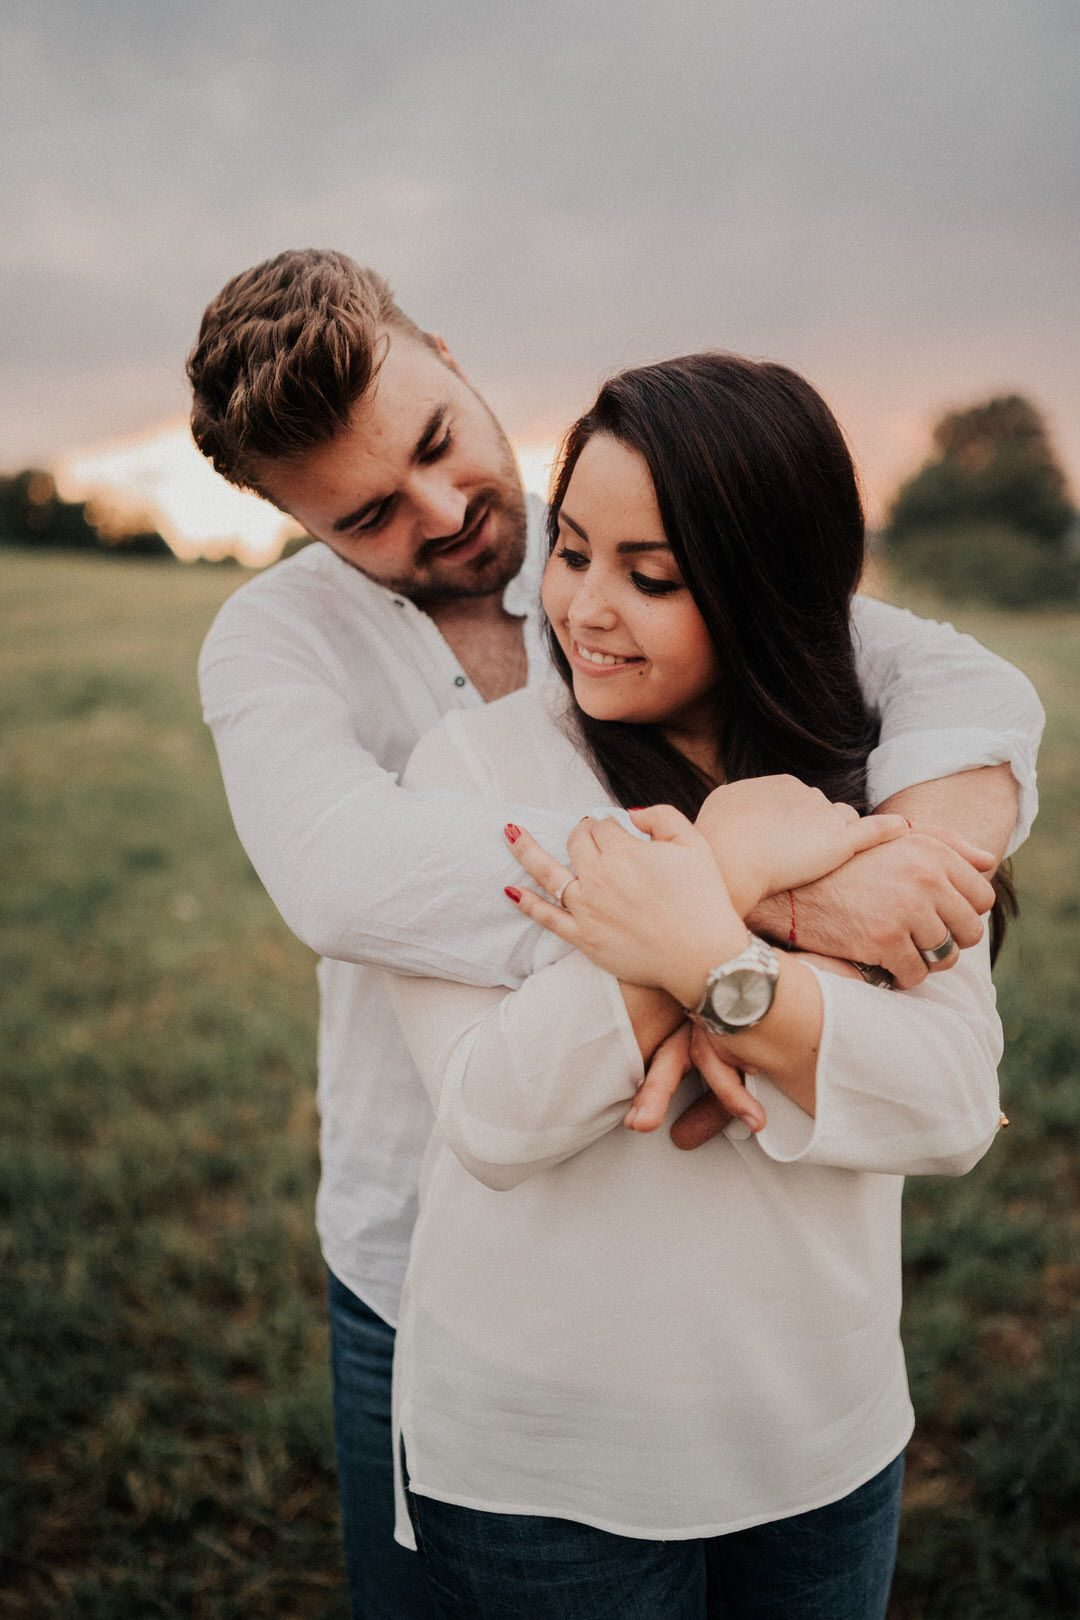 Wofür ein Engagement-Shooting vor der Hochzeit gut ist? Wunderschöne Erinnerungen und besondere Momente, die nur euch gehören.